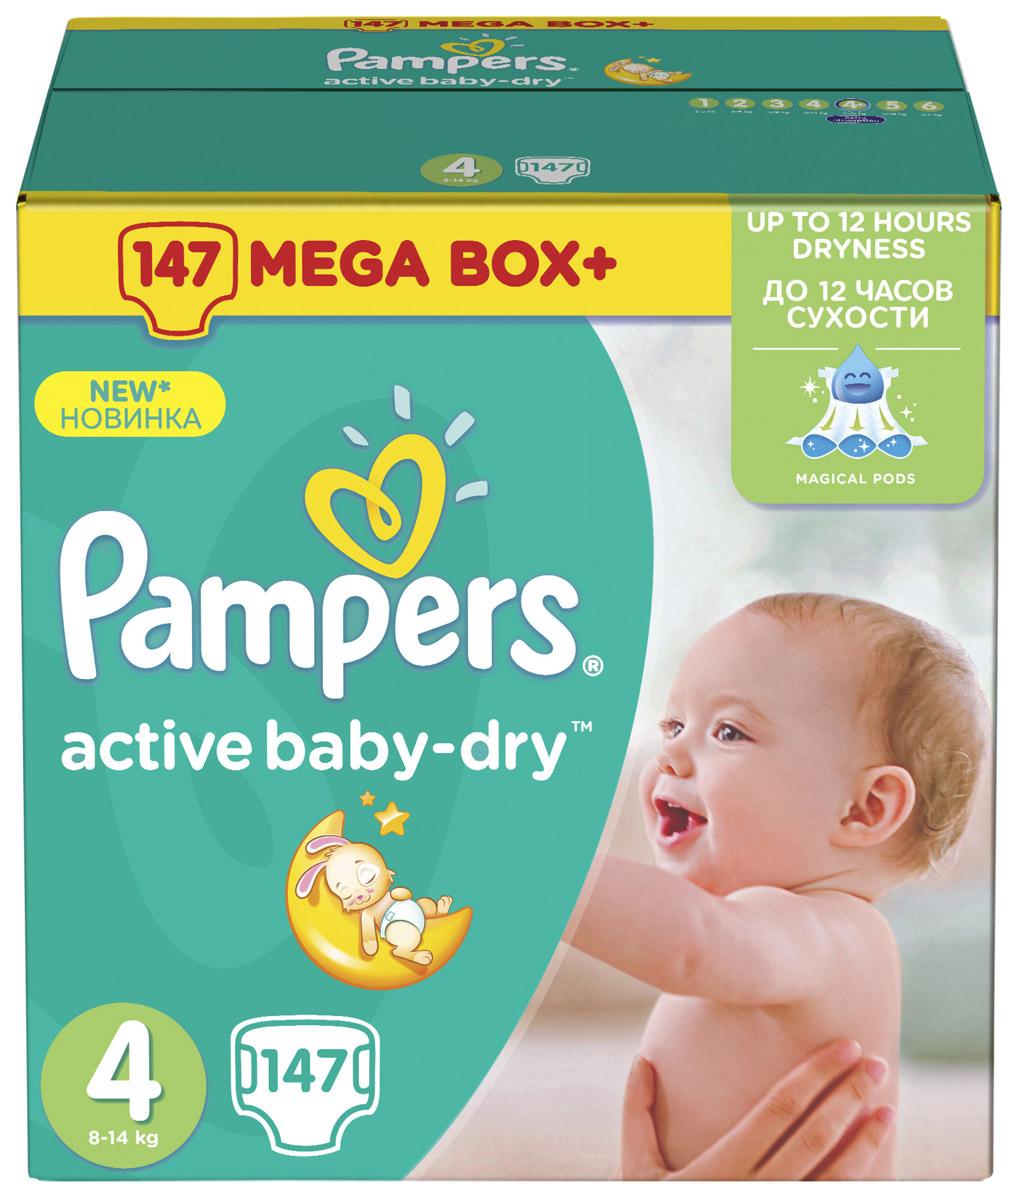 Pampers Подгузники Active Baby-Dry 8-14 кг (размер 4) 147 штPA-81530094Ух ты, как сухо! А куда исчезли все пи-пи? Вы готовы к революции в мире подгузников? Как только вы начнете использовать Pampers Active Baby-Dry, вы убедитесь, что они отличаются от наших предыдущих подгузников. Революционная технология помогает распределять влагу равномерно по 3 впитывающим каналам и запирать ее на замок, не допуская образование мокрого комка между ножек по утрам. Эти подгузники настолько удобные и сухие, что вы удивитесь, куда делись все пи-пи! - 3 впитывающих канала: помогают равномерно распределить влагу по подгузнику, не допуская образование мокрого комка между ножек. - Впитывающие жемчужные микрогранулы: внутренний слой с жемчужными микрогранулами, который впитывает и запирает влагу до 12 часов. - Слой Dry: впитывает влагу и не дает ей соприкасаться с нежной кожей малыша. - Мягкий верхний слой: предотвращает контакт влаги с кожей малыша, для спокойного сна на всю ночь. - Дышащие материалы: обеспечивают циркуляцию...